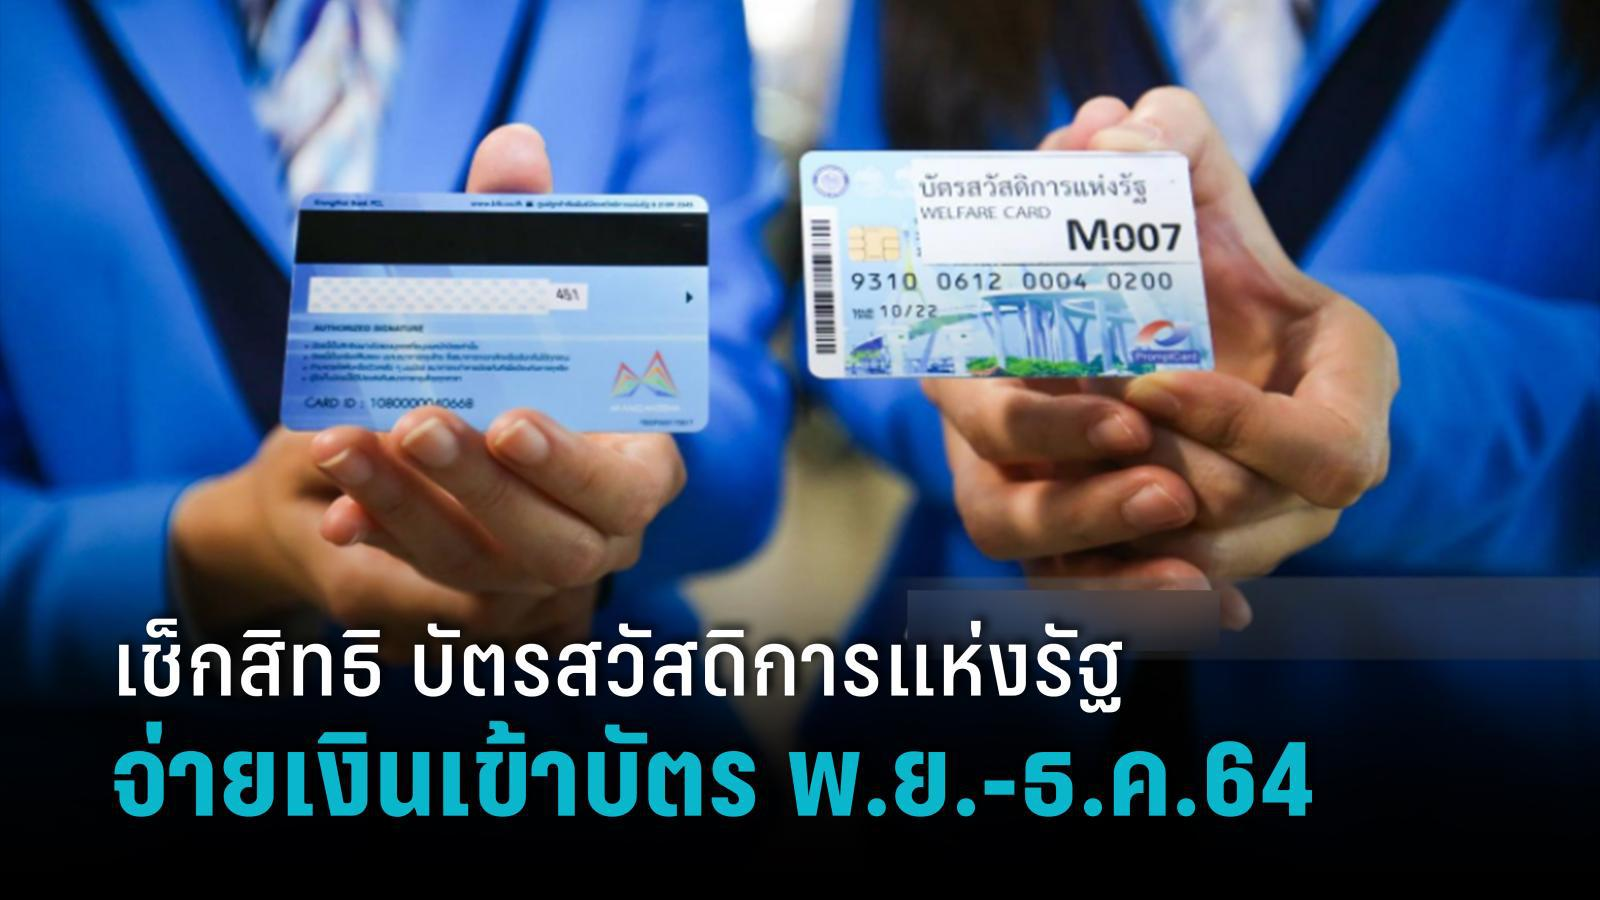 เช็กสิทธิ บัตรสวัสดิการแห่งรัฐ บัตรคนจน กรมบัญชีกลาง จ่ายเงินเข้าบัตรพ.ย. – ธ.ค. 64